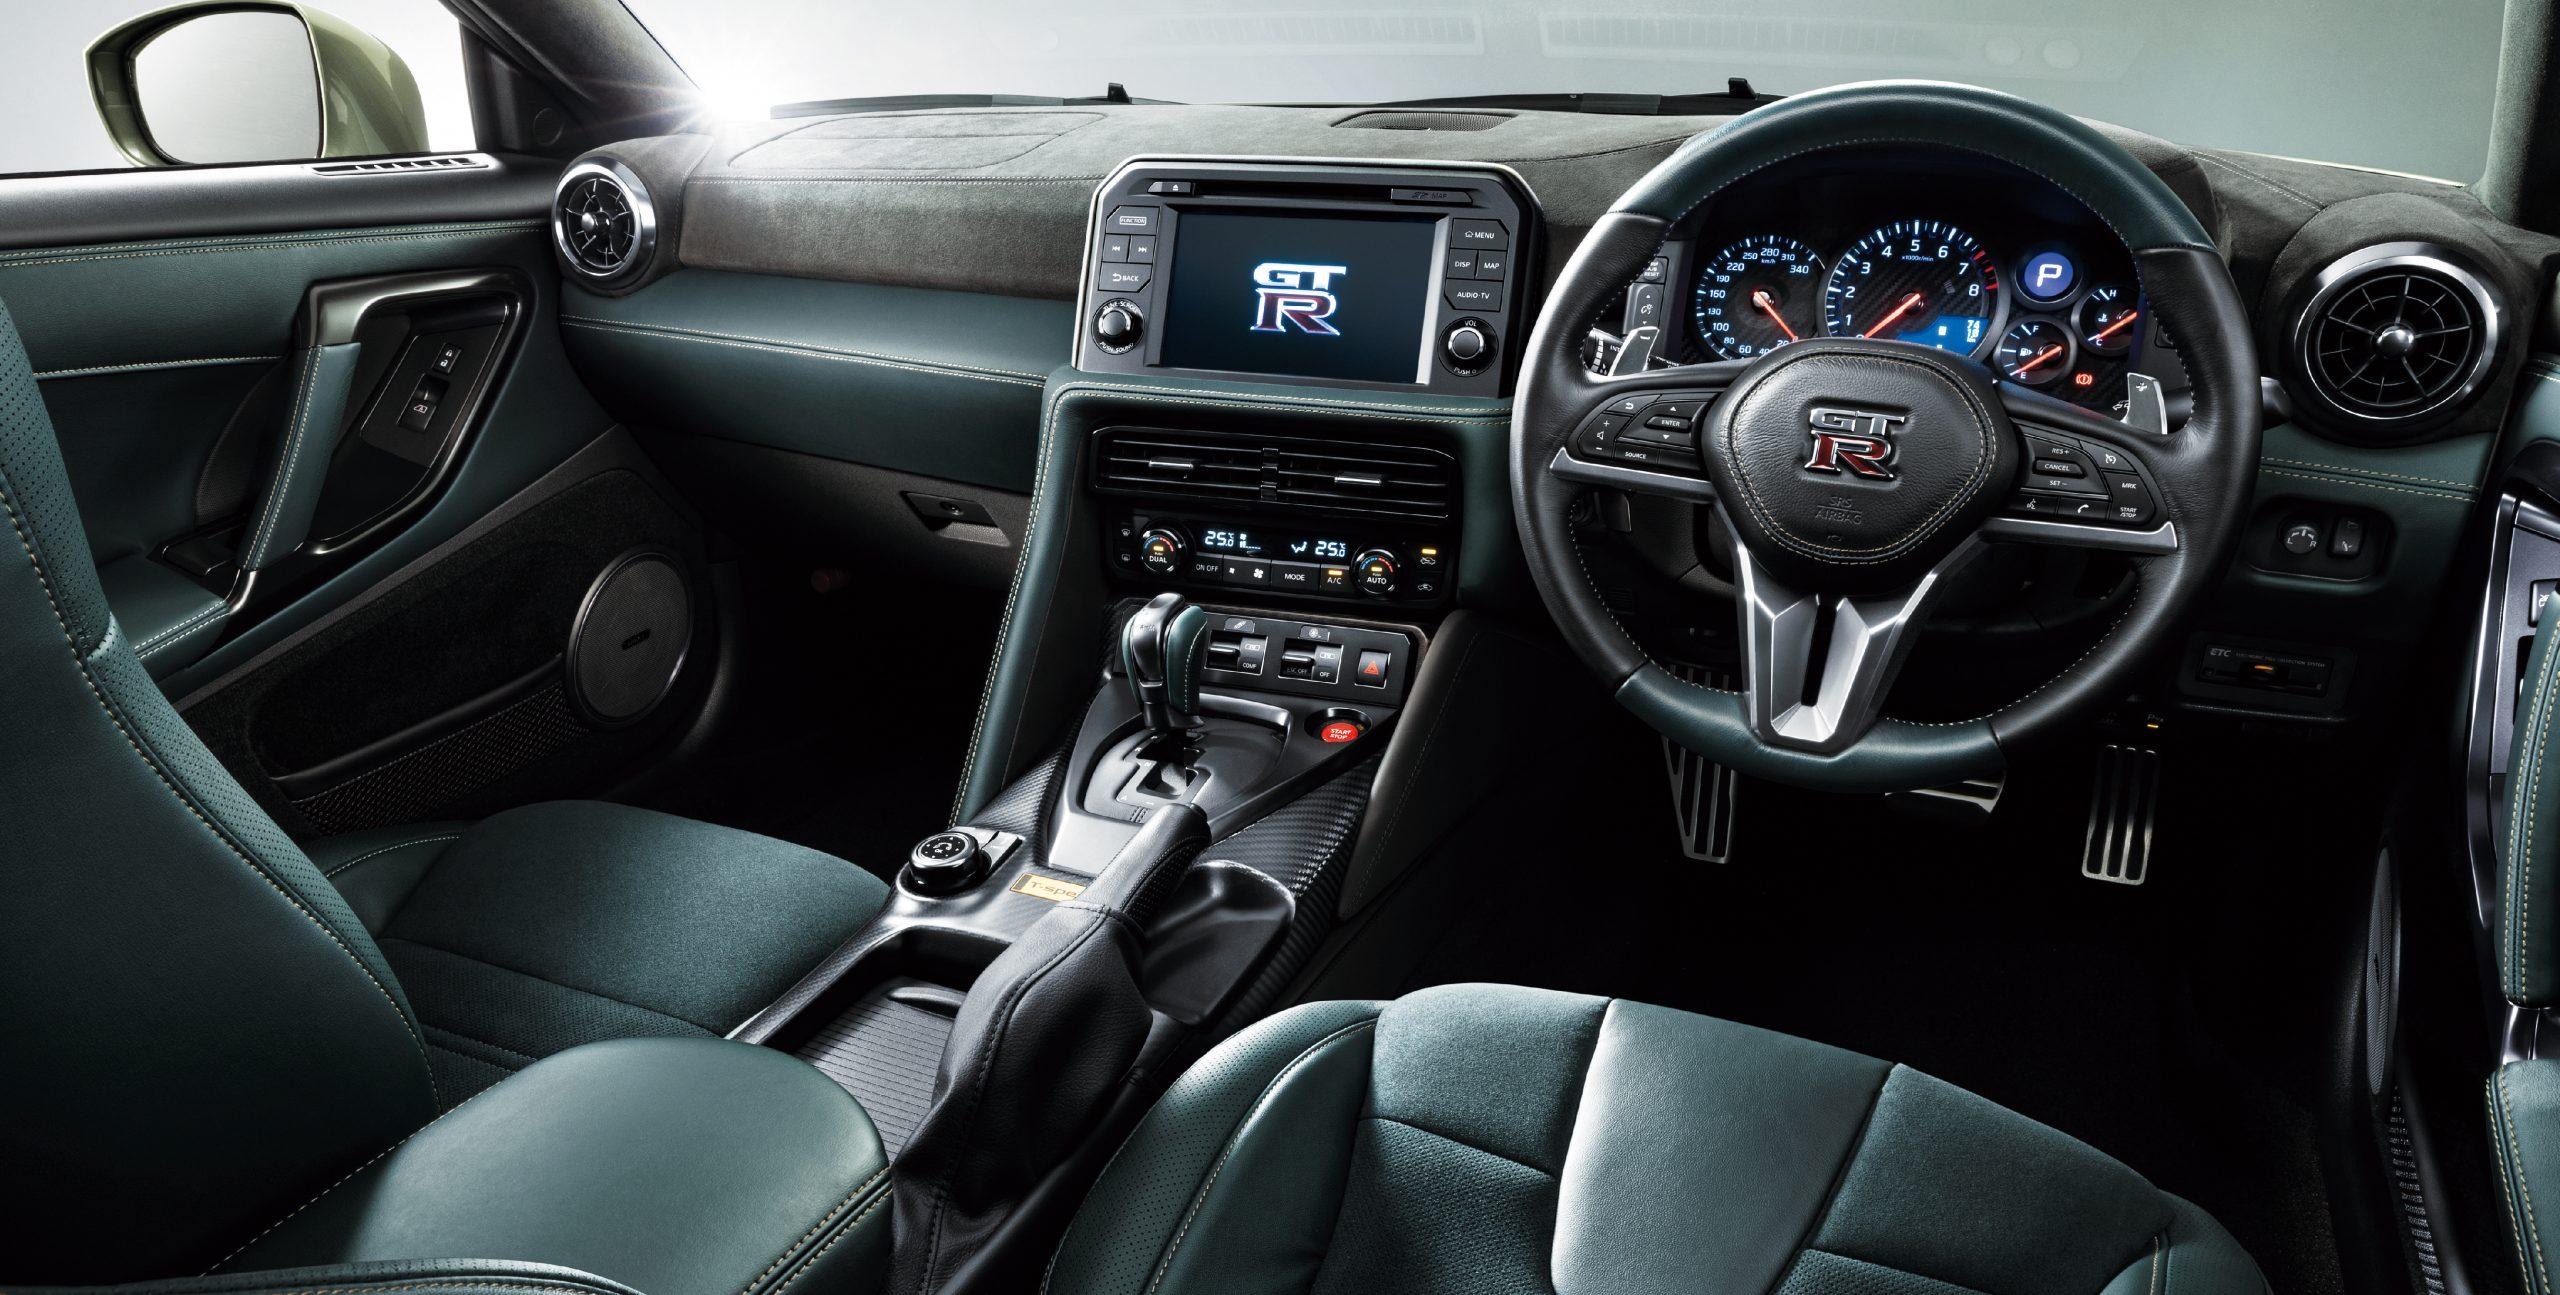 2022 Nissan GT-R Interior